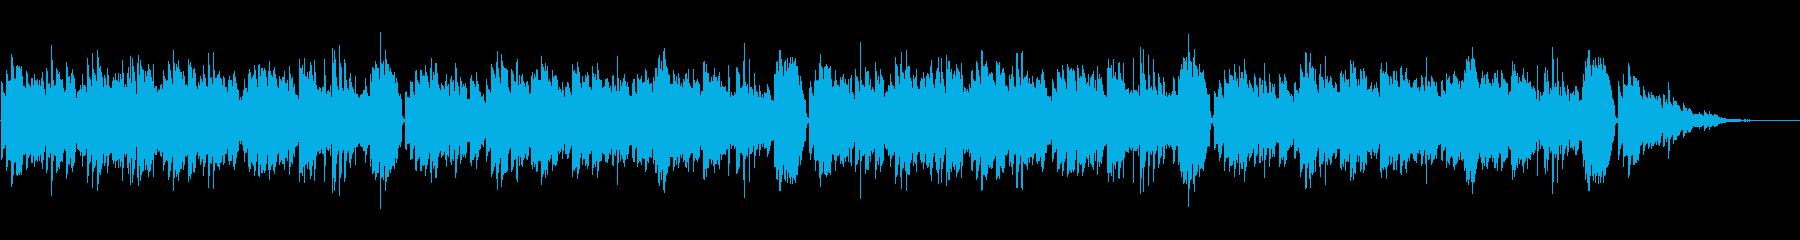 童謡「シャボン玉」シンプルなピアノソロの再生済みの波形